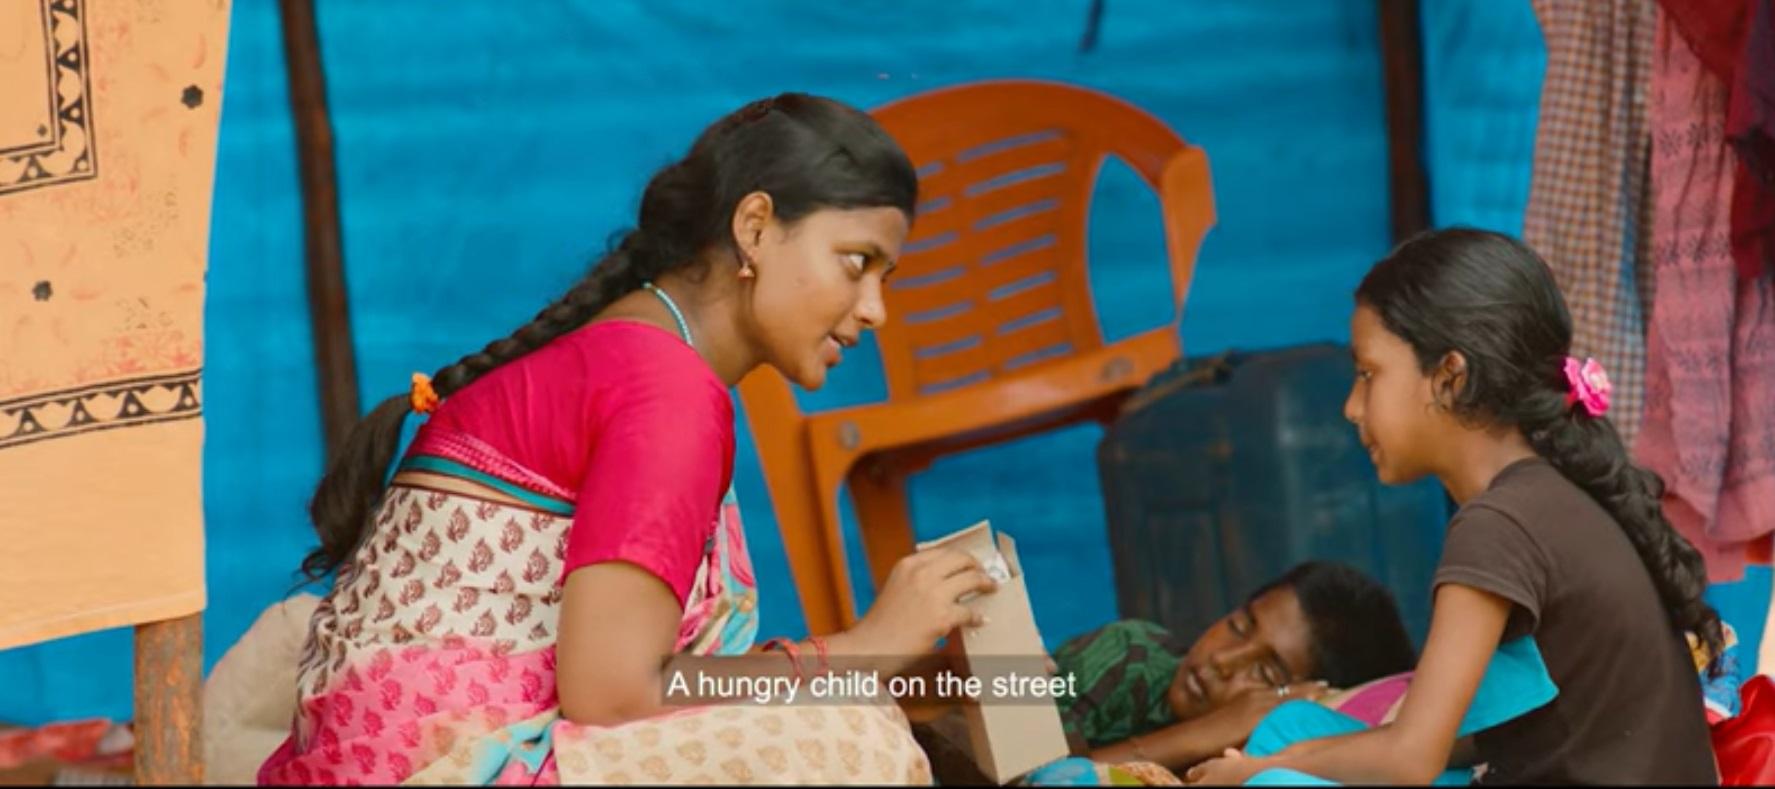 பொய்யா விளக்கு திரைப்பட 'மண்ணை இழந்தோம்'  பாடல் இணையத்தில்